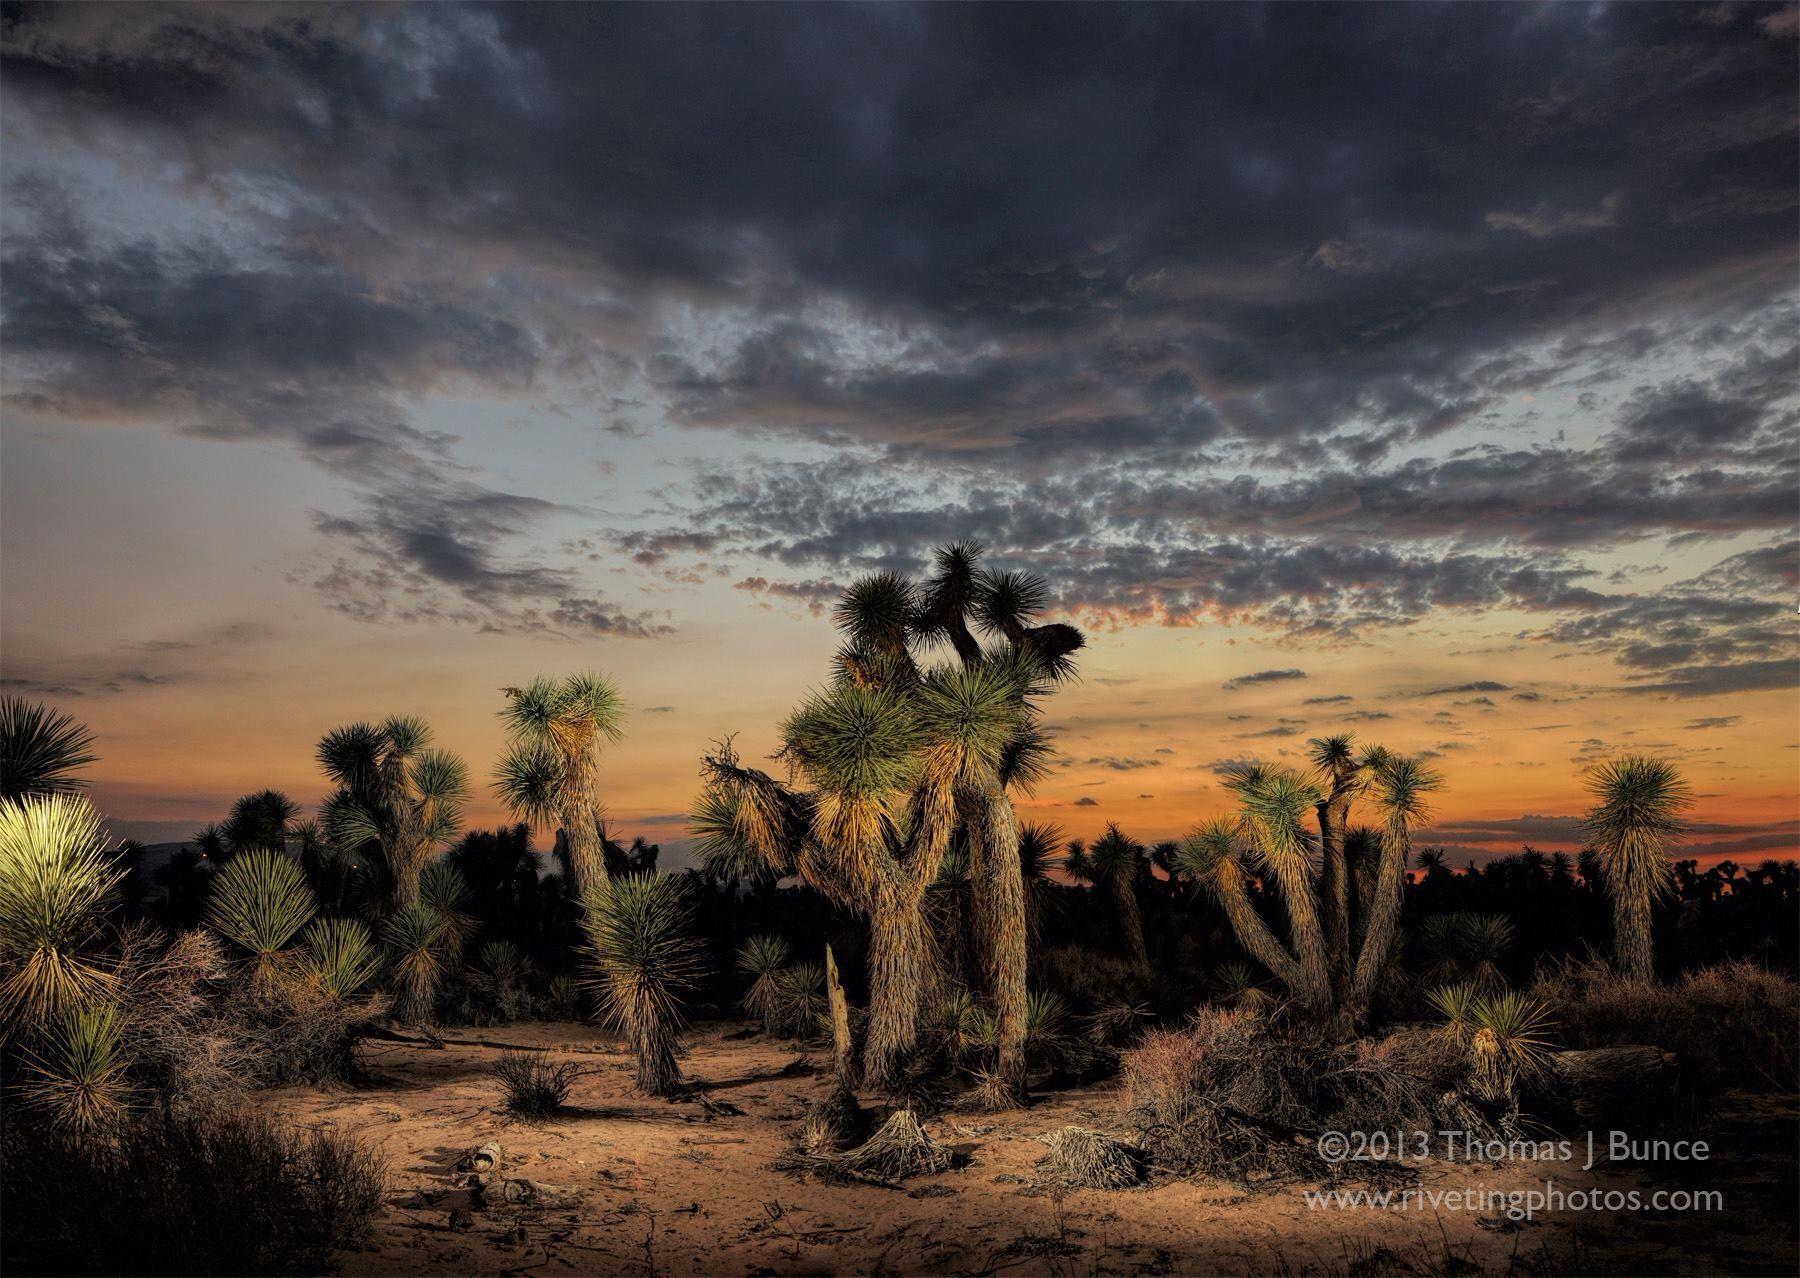 Mohave Desert, near Lancaster, CA (With images) Desert